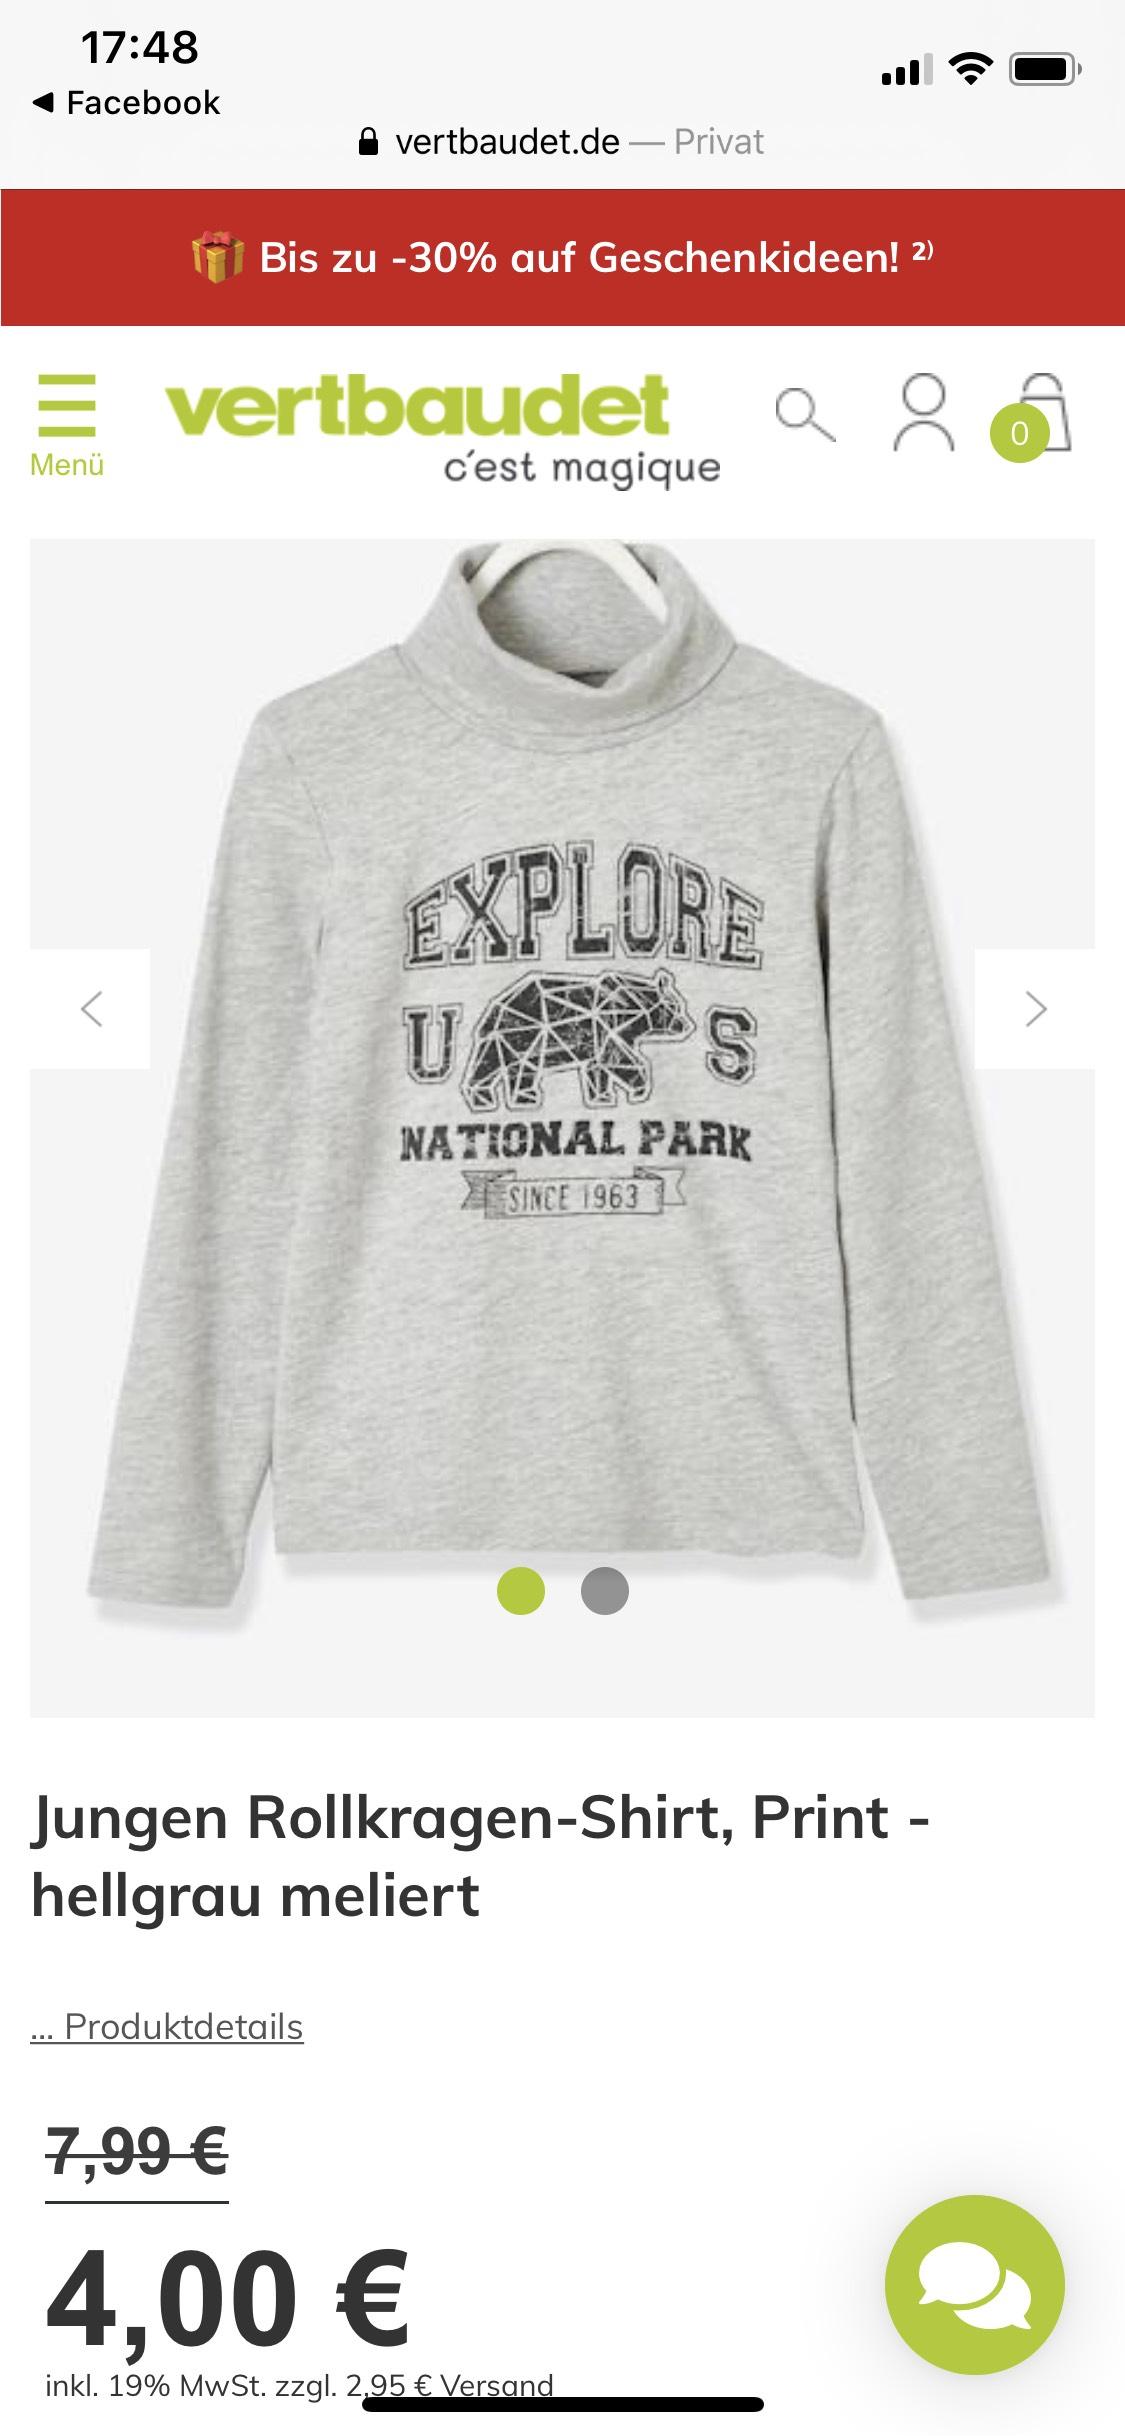 Vertbaudet Flash Sale Jungen und Mädchen Pullover im Angebot